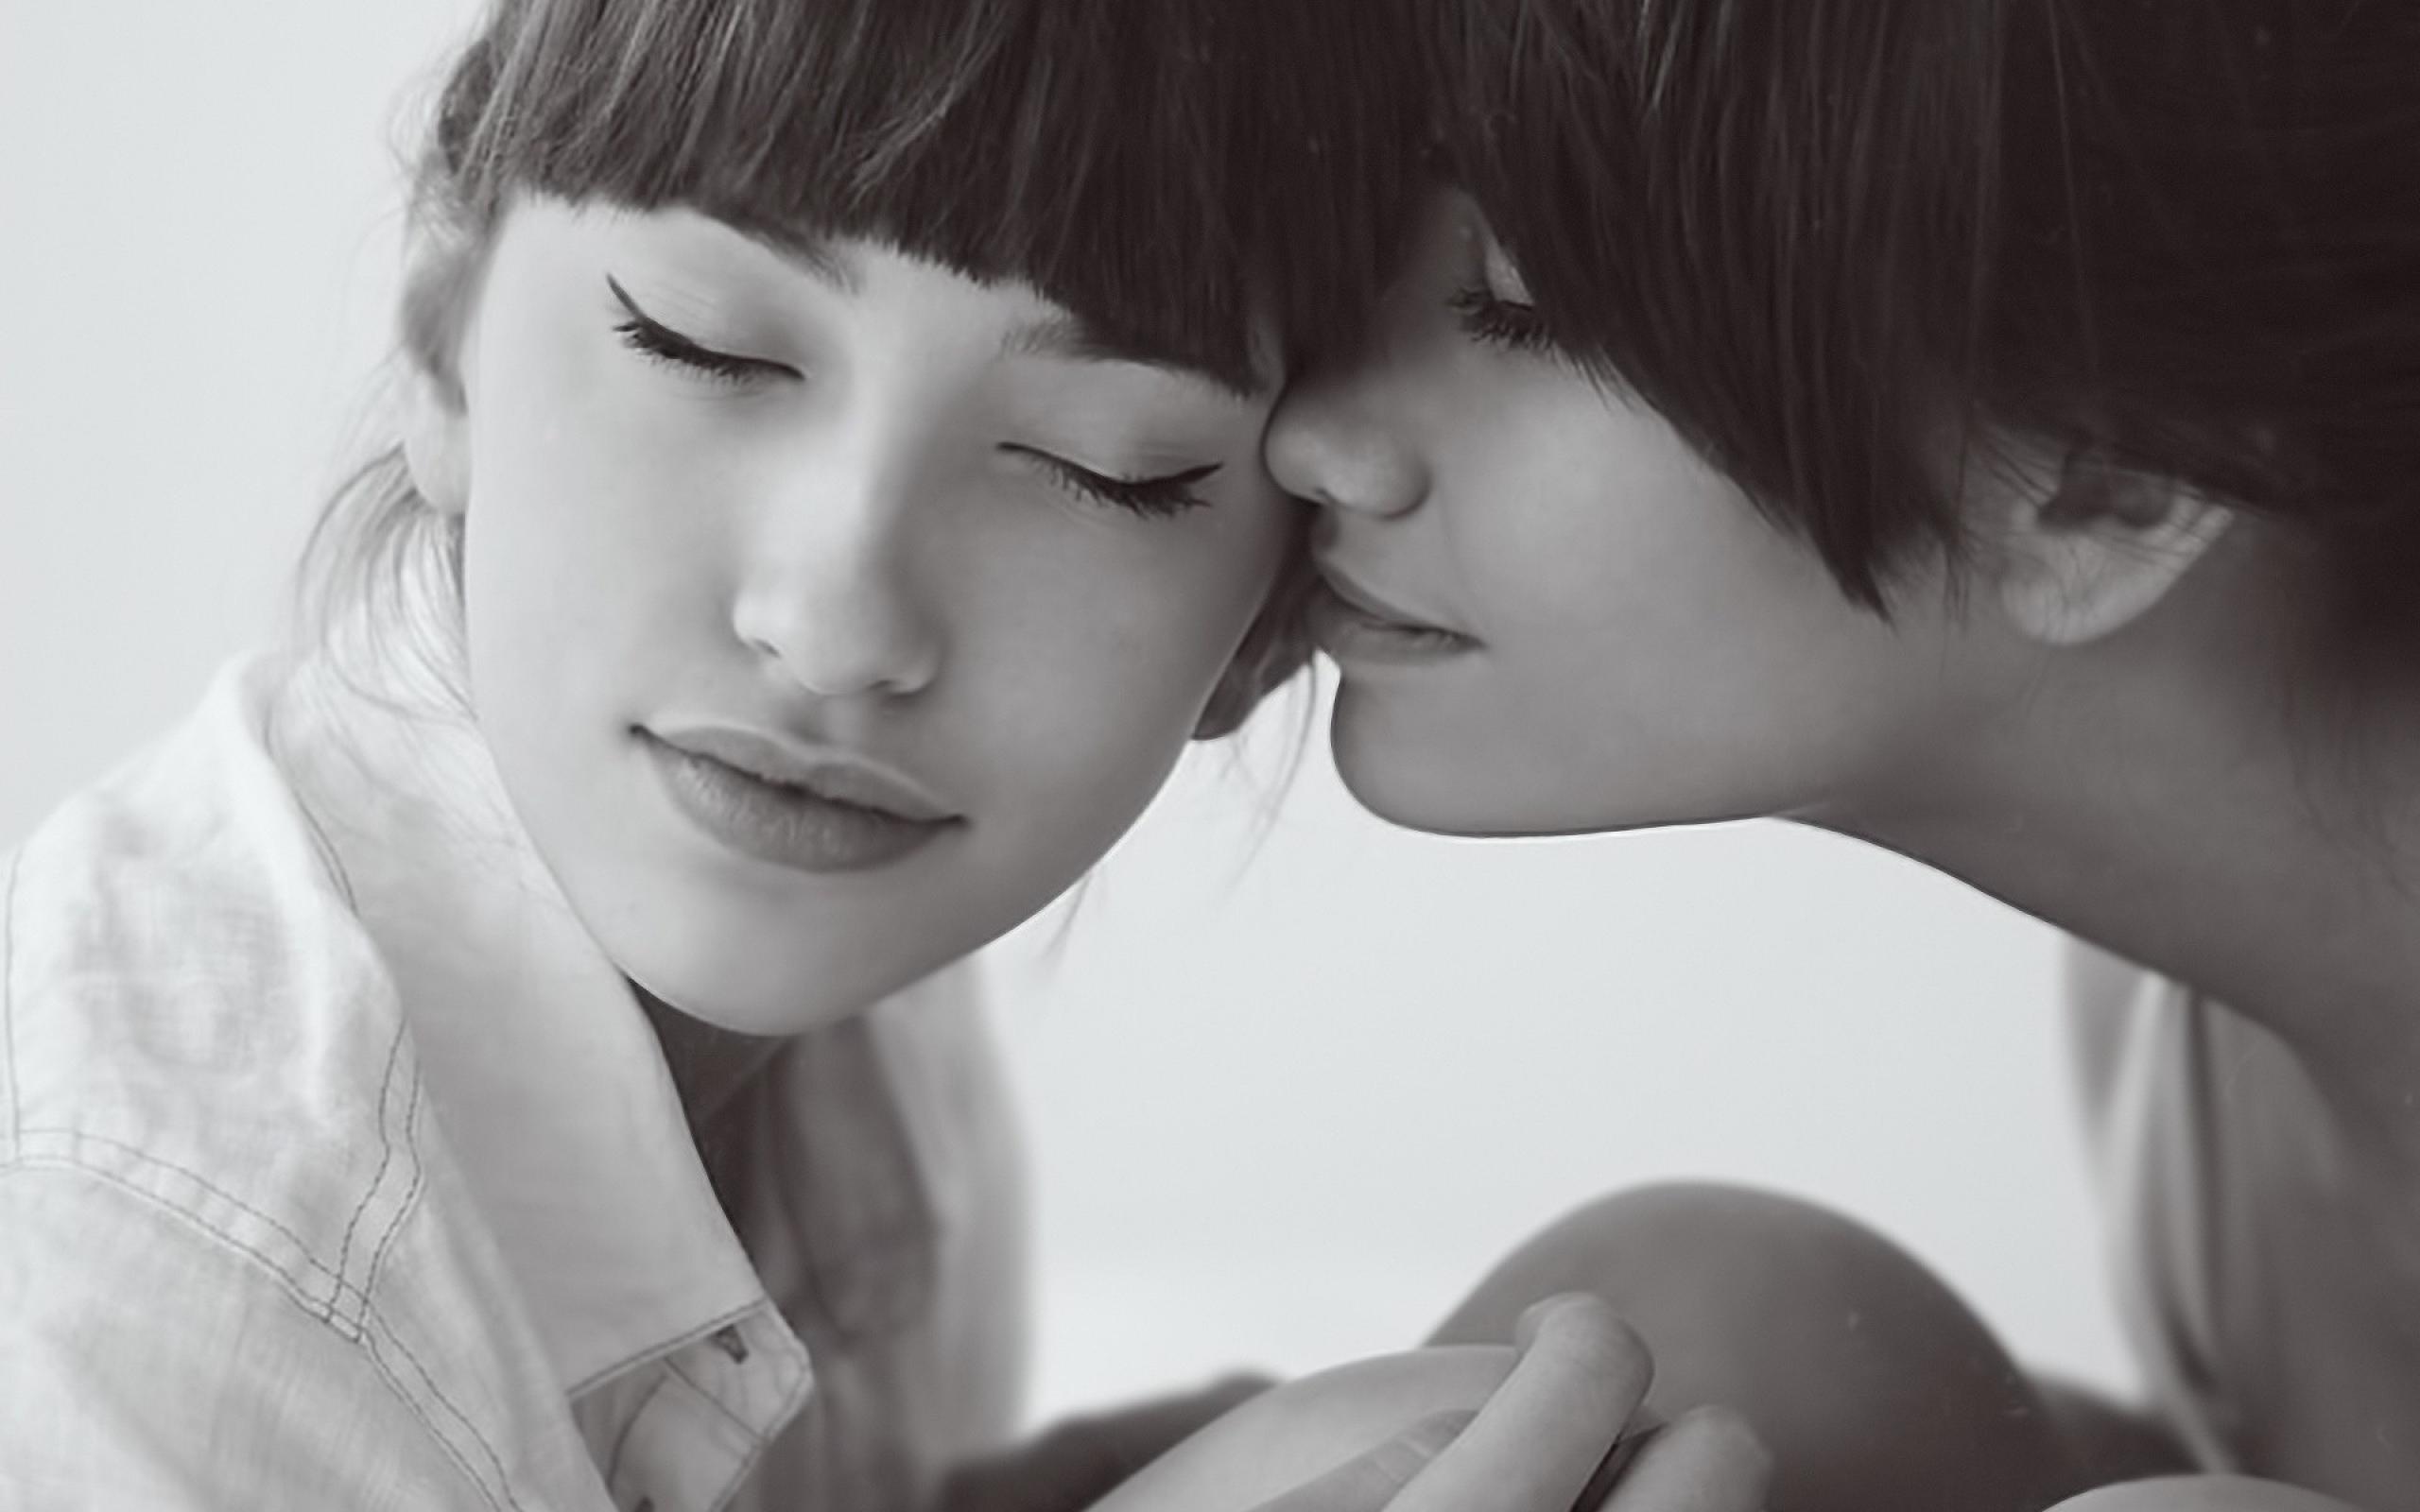 Поцелуи двух девушек фото 7 фотография